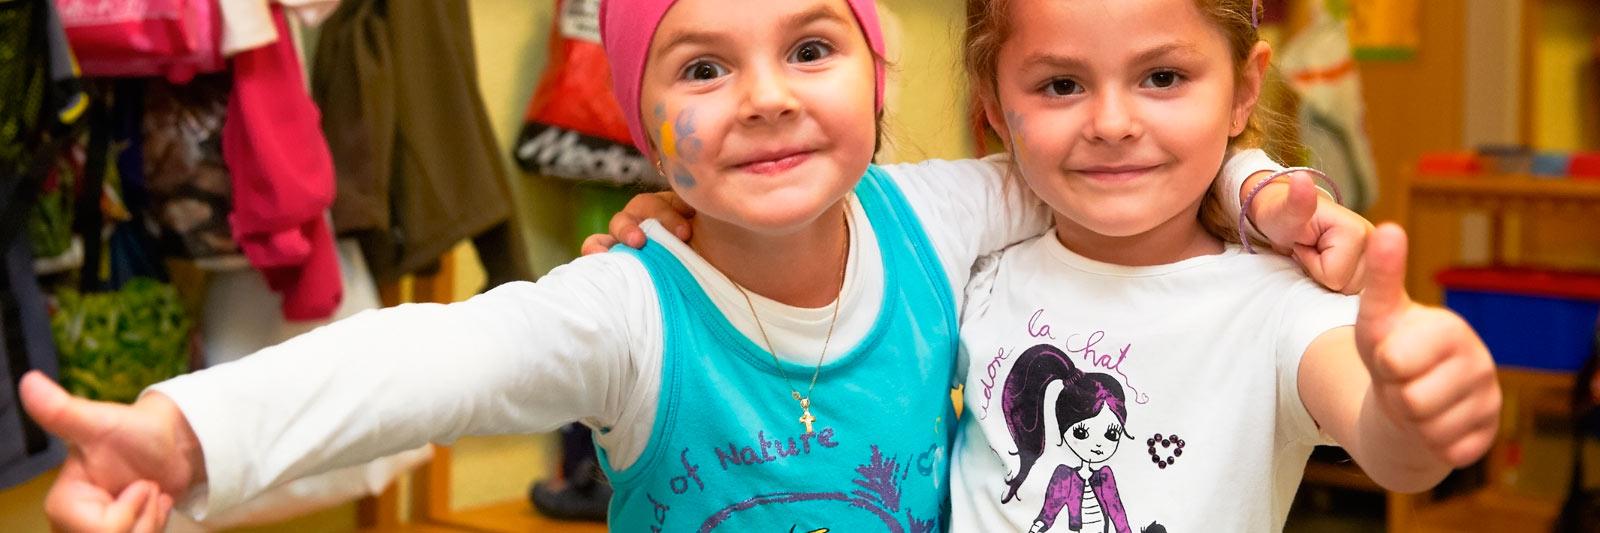 Zajęcia dla dzieci w przedszkolu